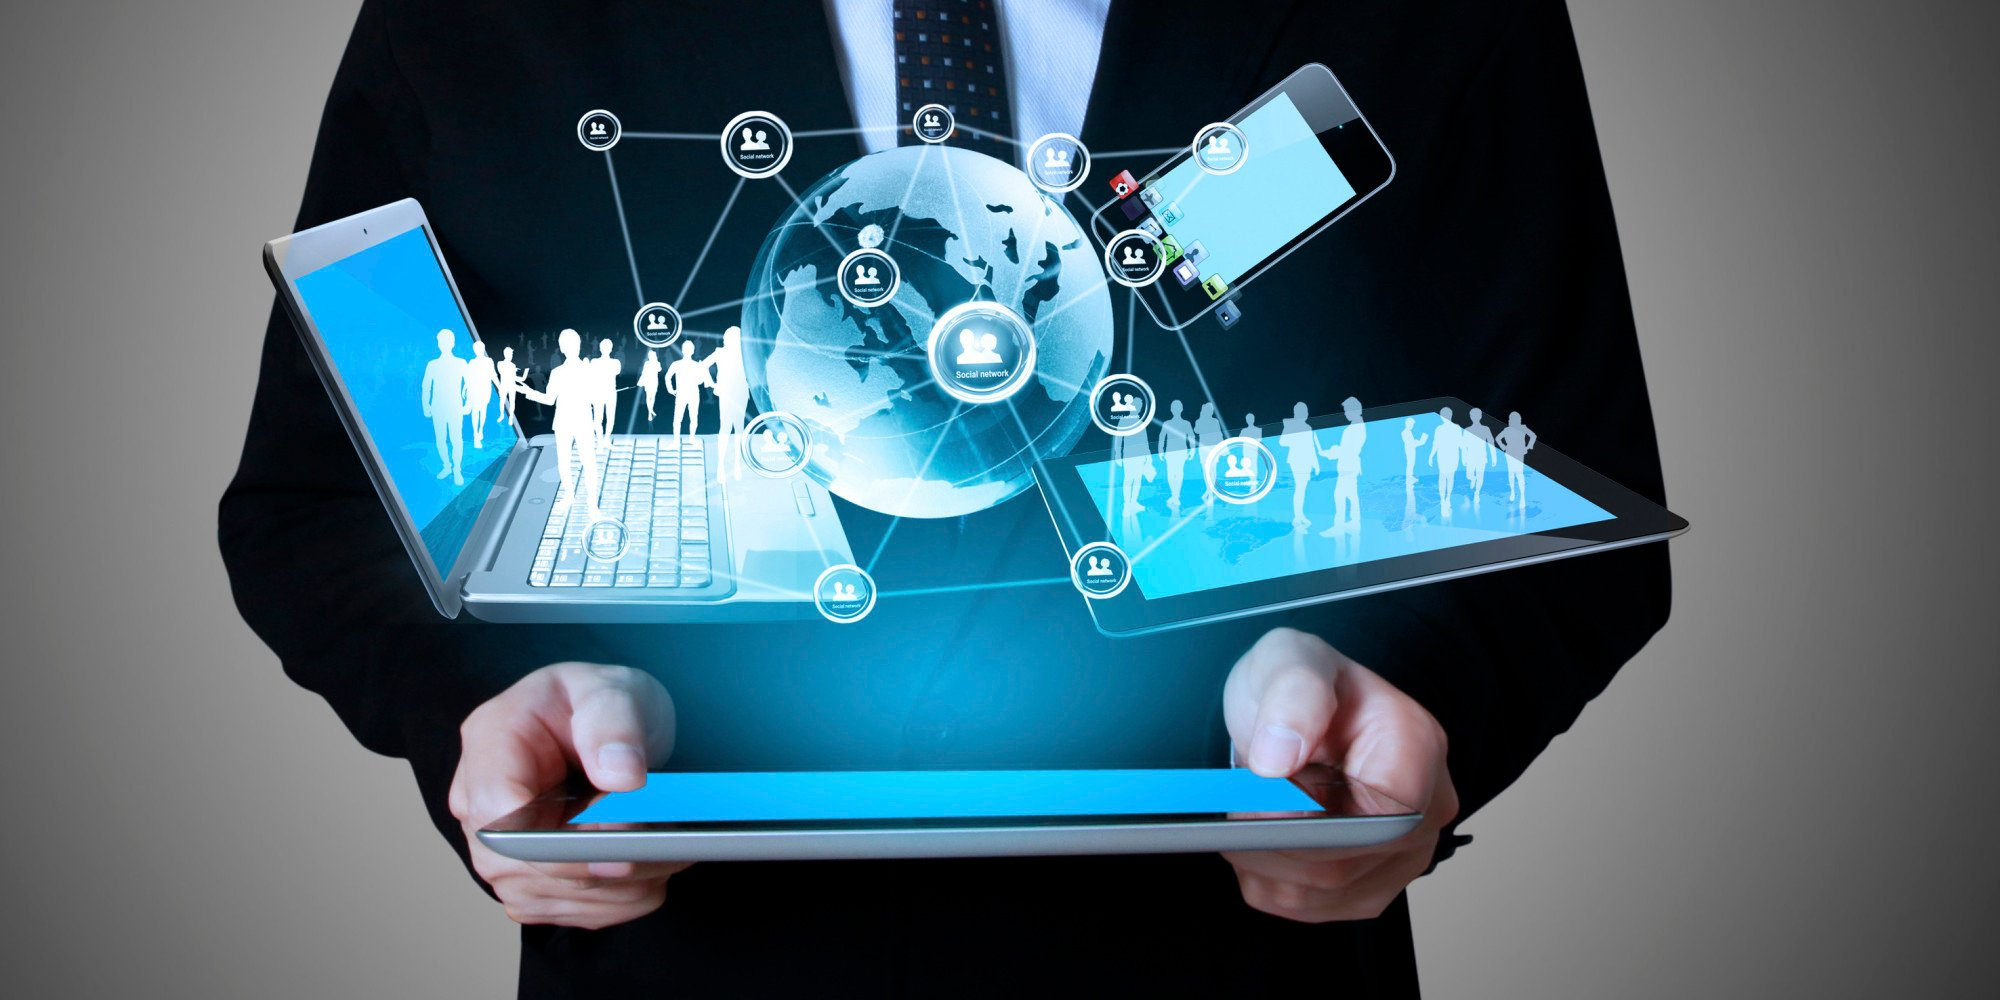 اقتصاد دیجیتالی چیست؟